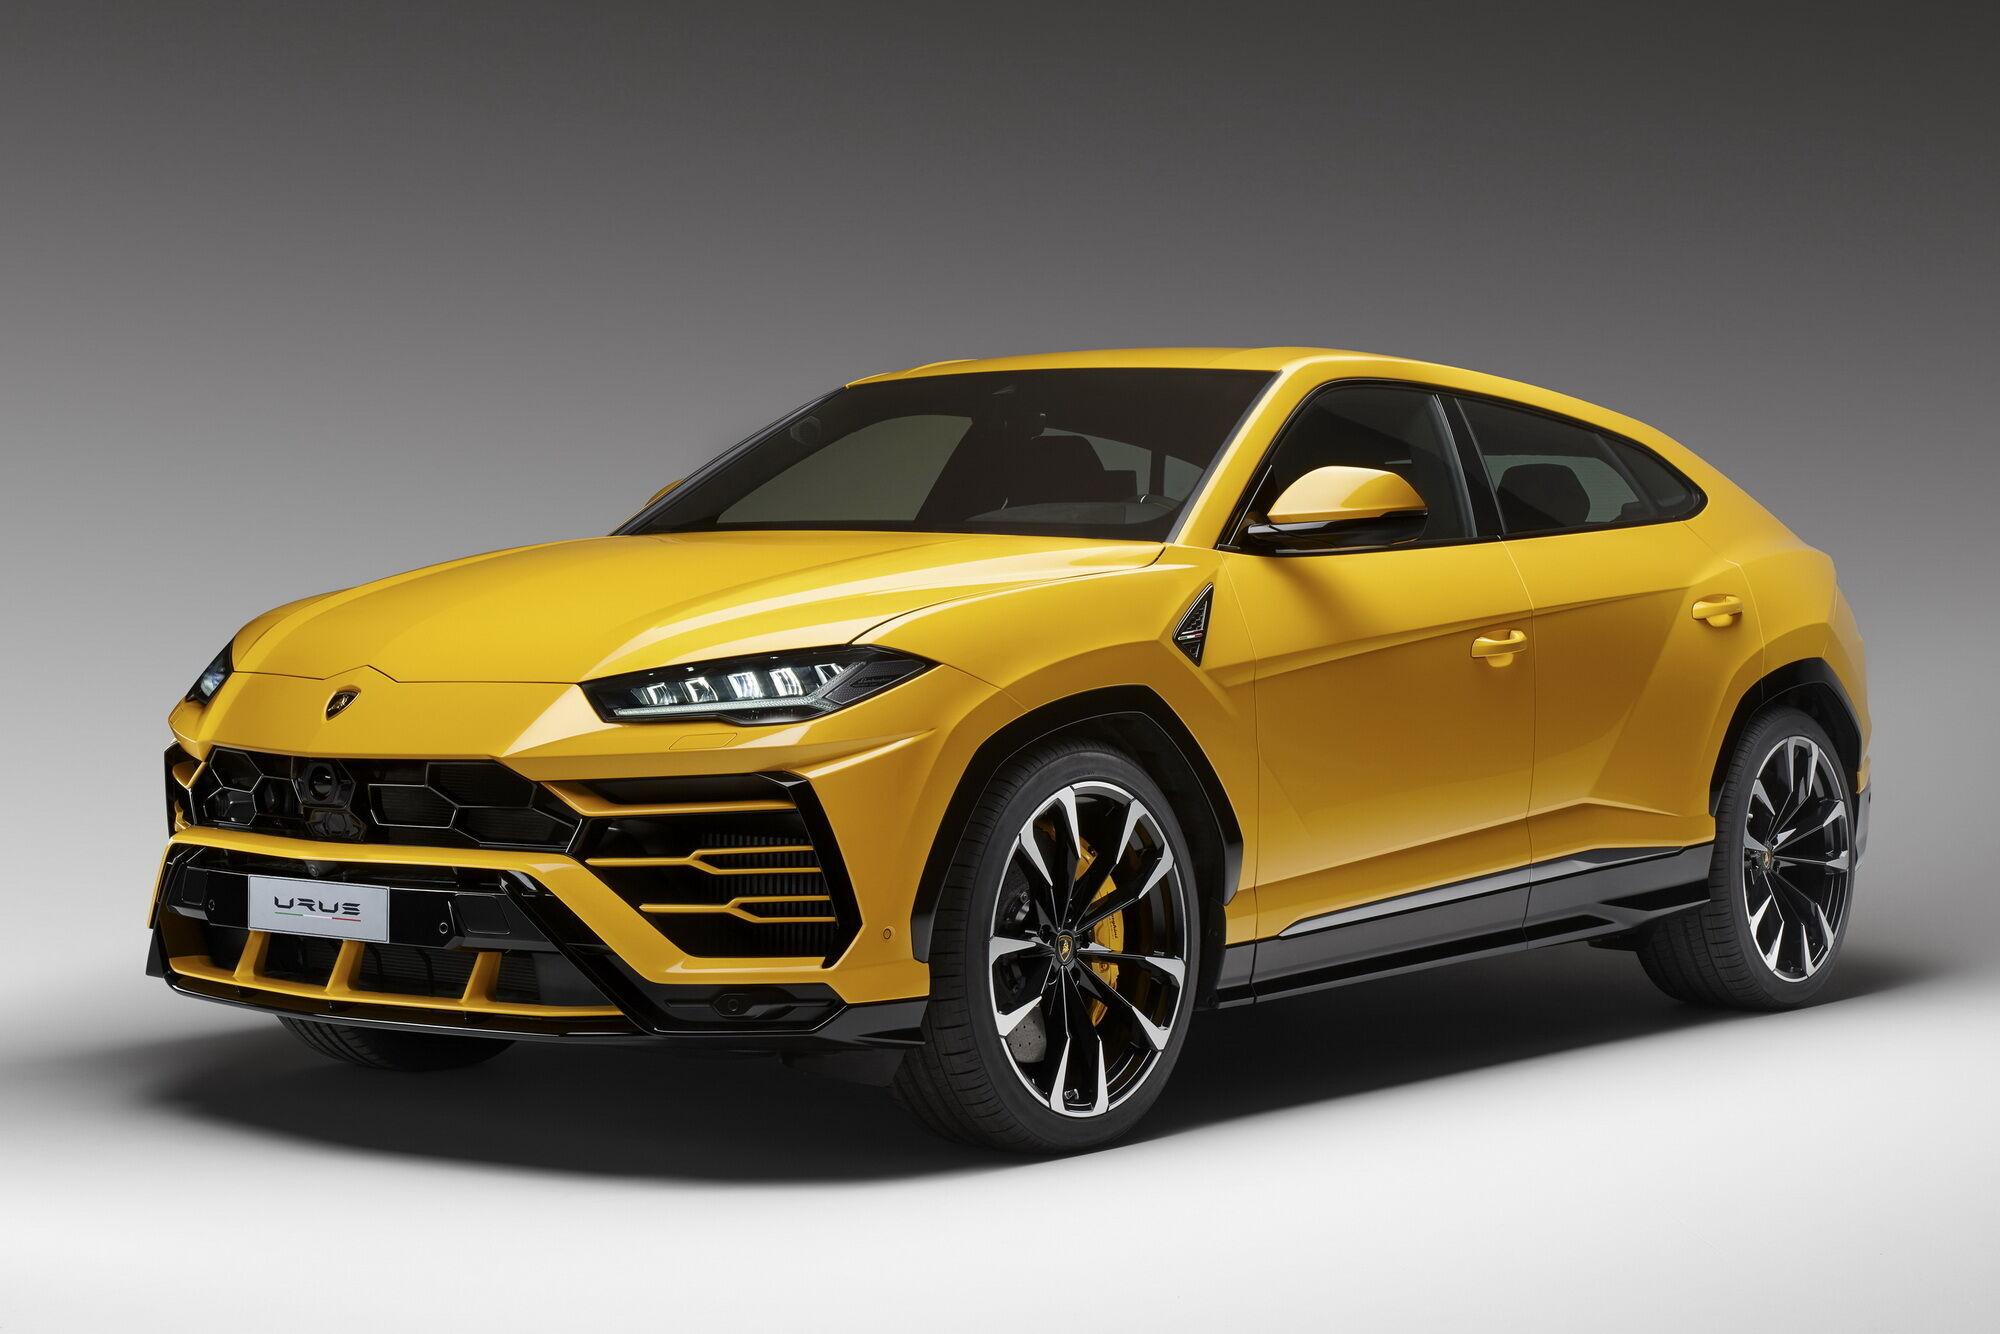 Спортивный кроссовер появился в гамме Lamborghini в 2018 году